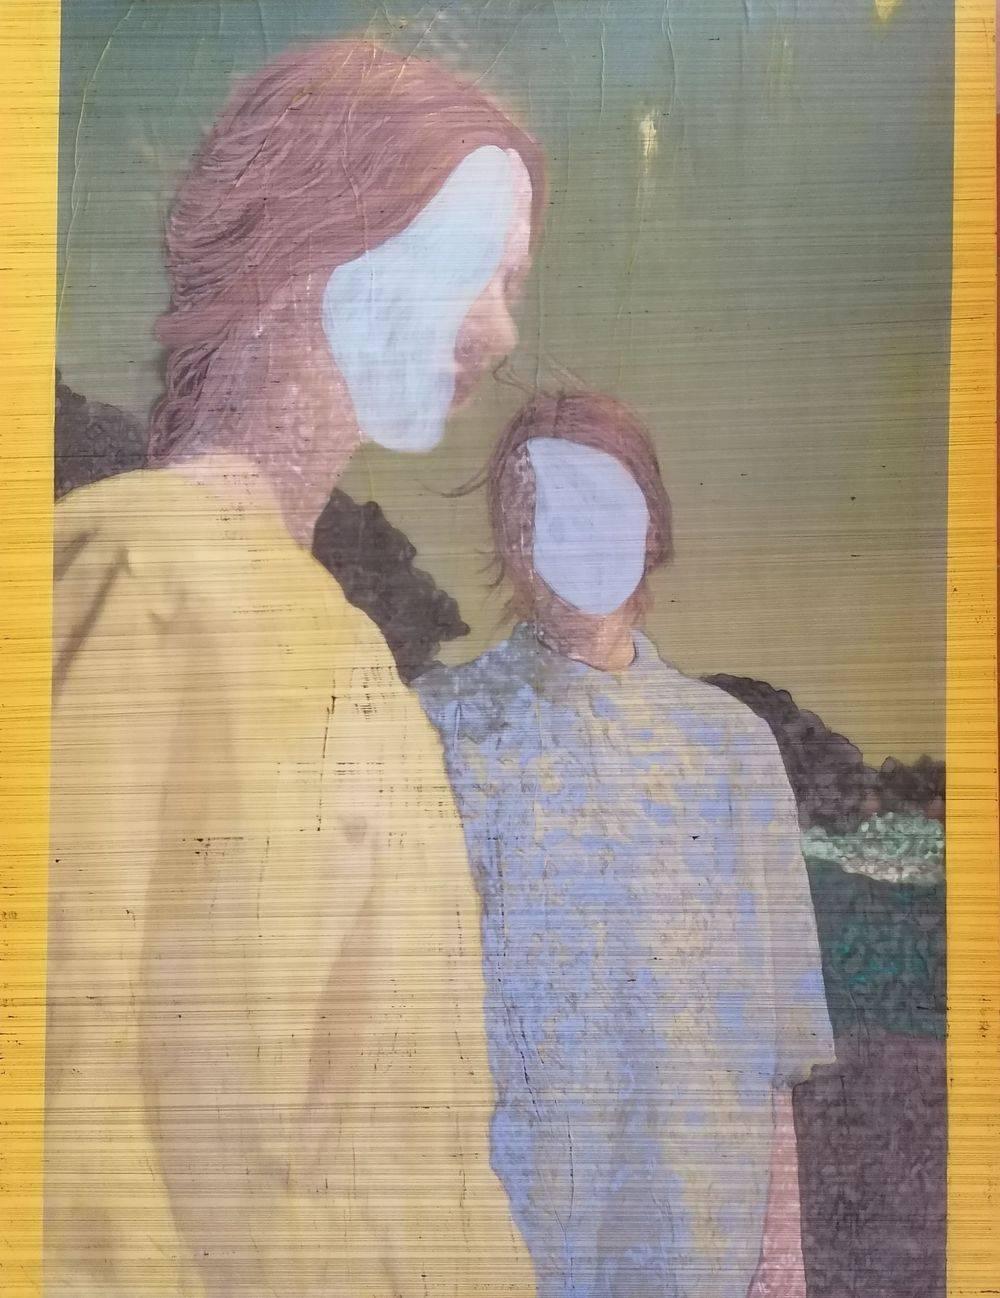 Aquarelle, Femme, Jaune, Bic, Histoire de l'art, Portrait